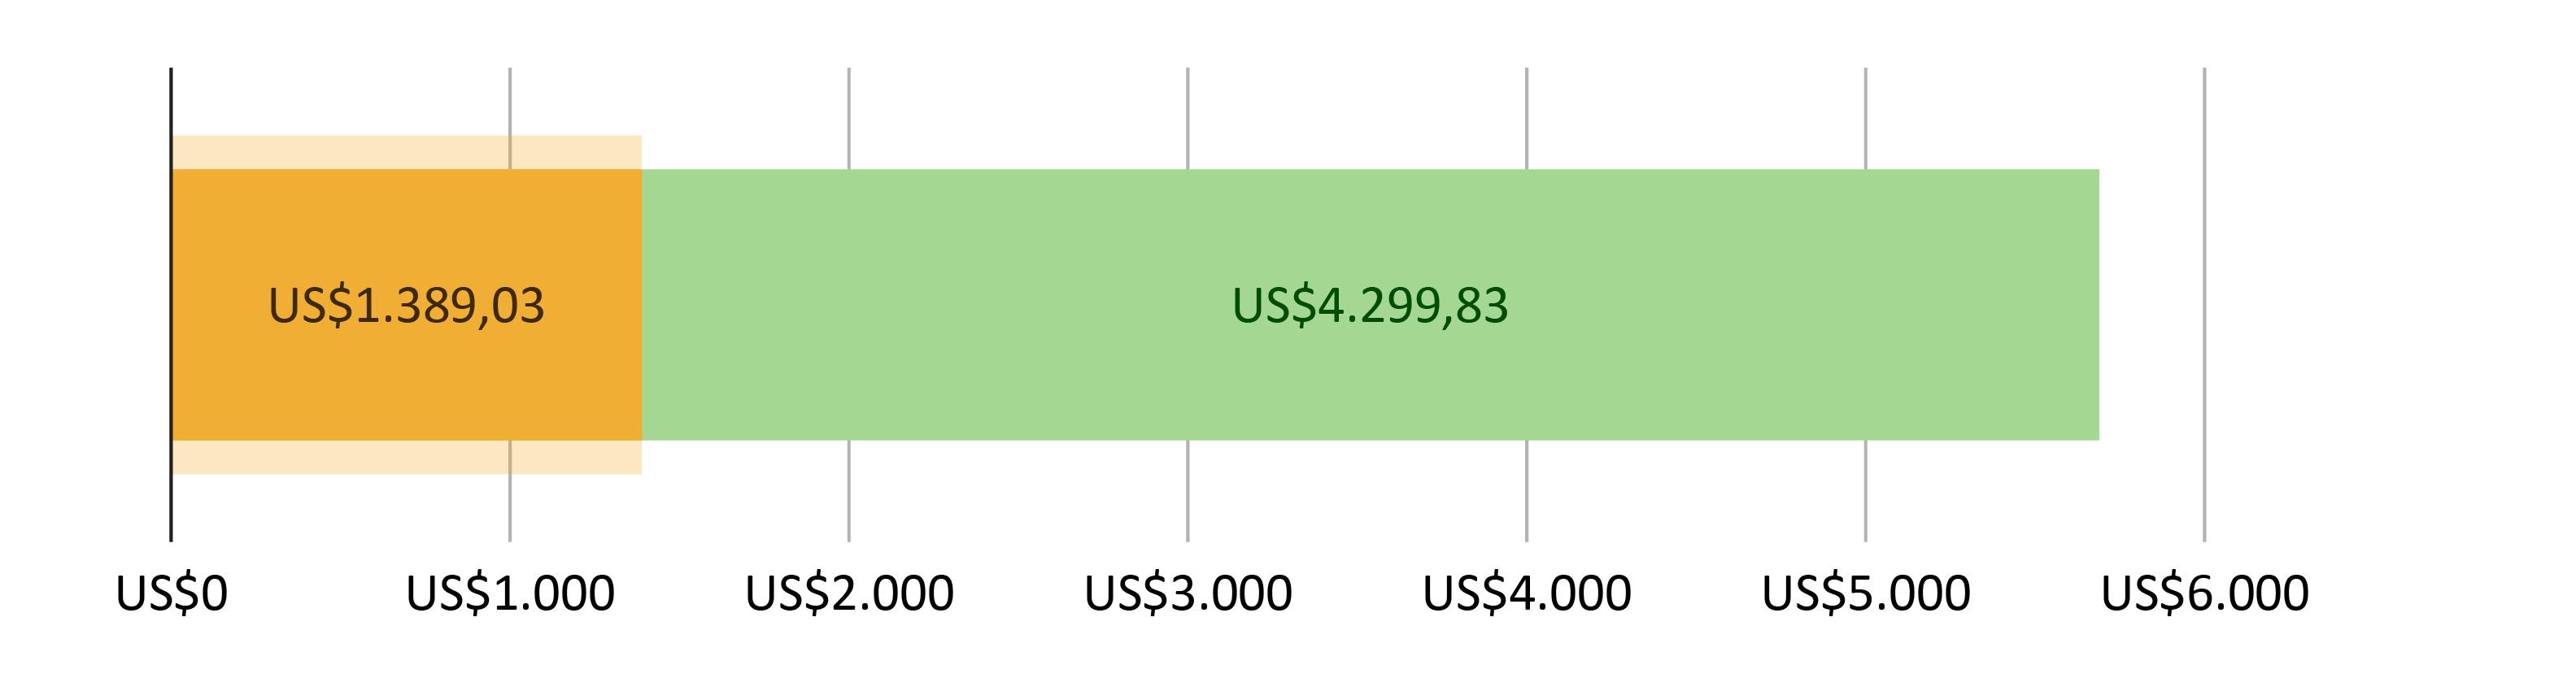 US$1.389,03 gastos; mais US$4.299,83 previstos